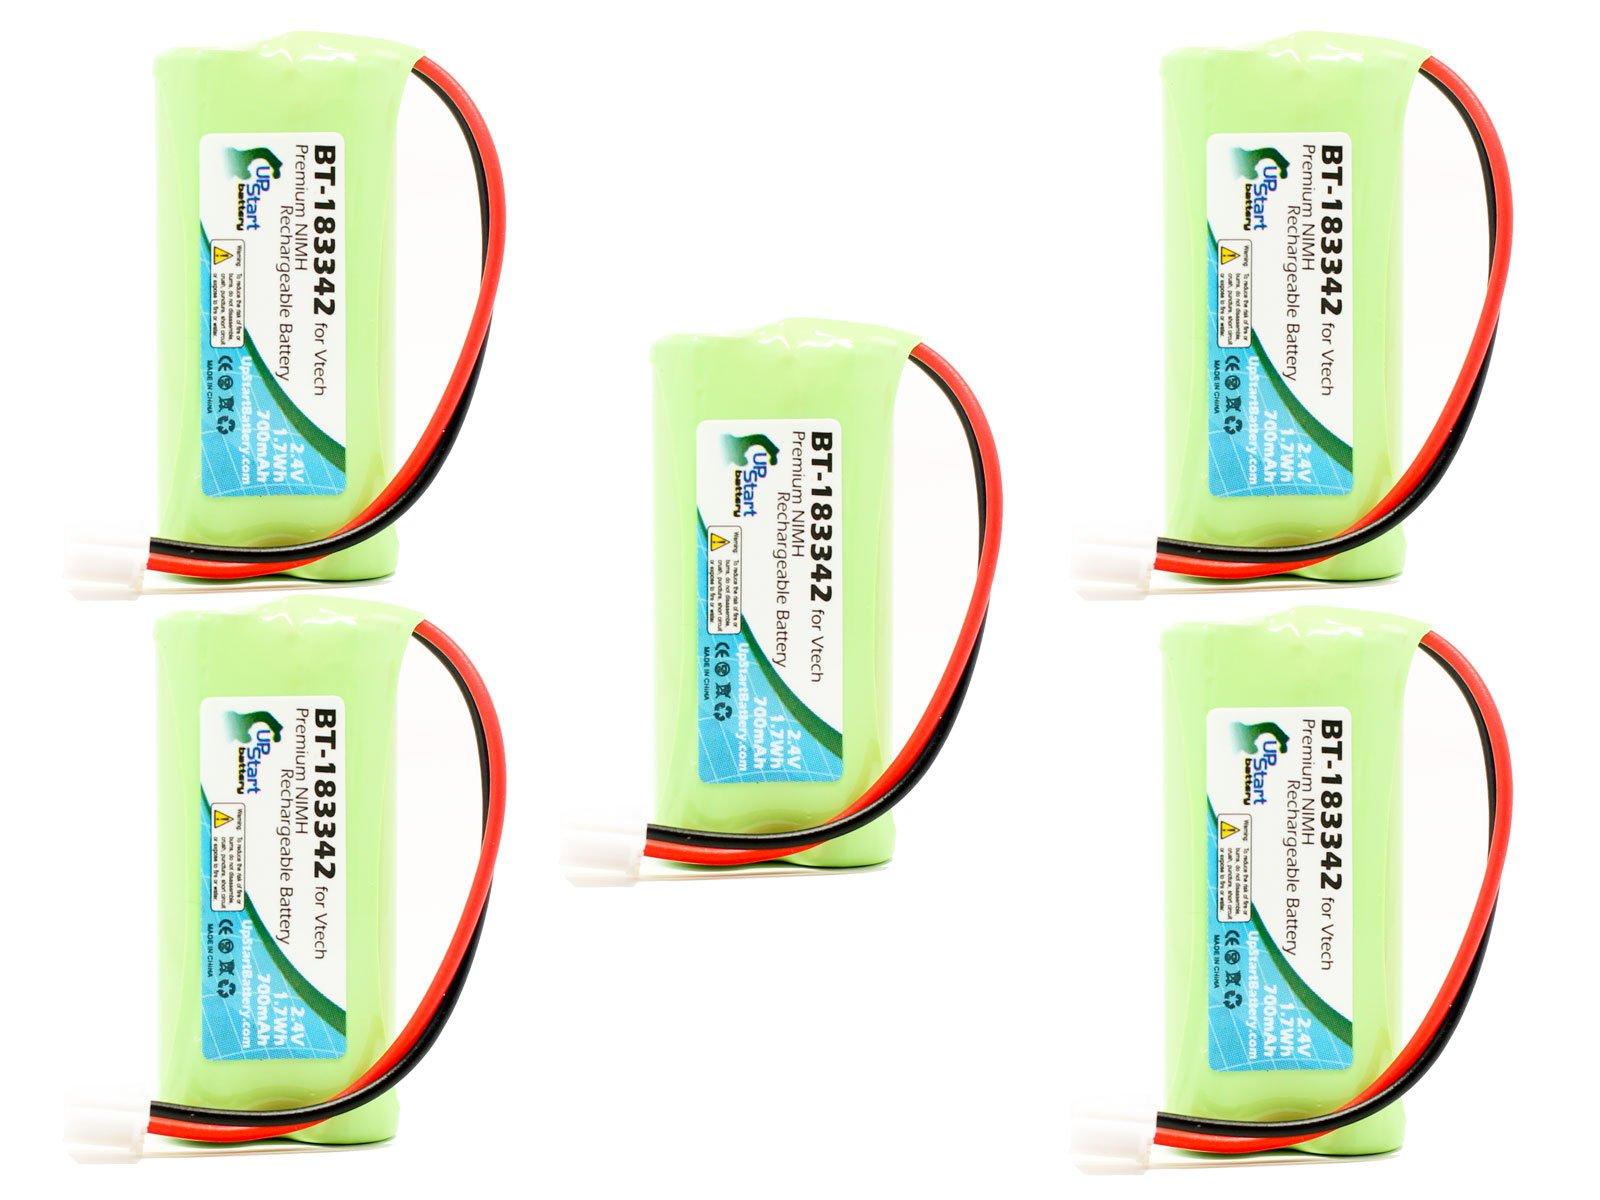 5 x unidades – Repuesto Motorola L404 C – Batería para Motorola teléfono inalámbrico recargable (700 mAh, 2,4 V, Ni-MH): Amazon.es: Electrónica